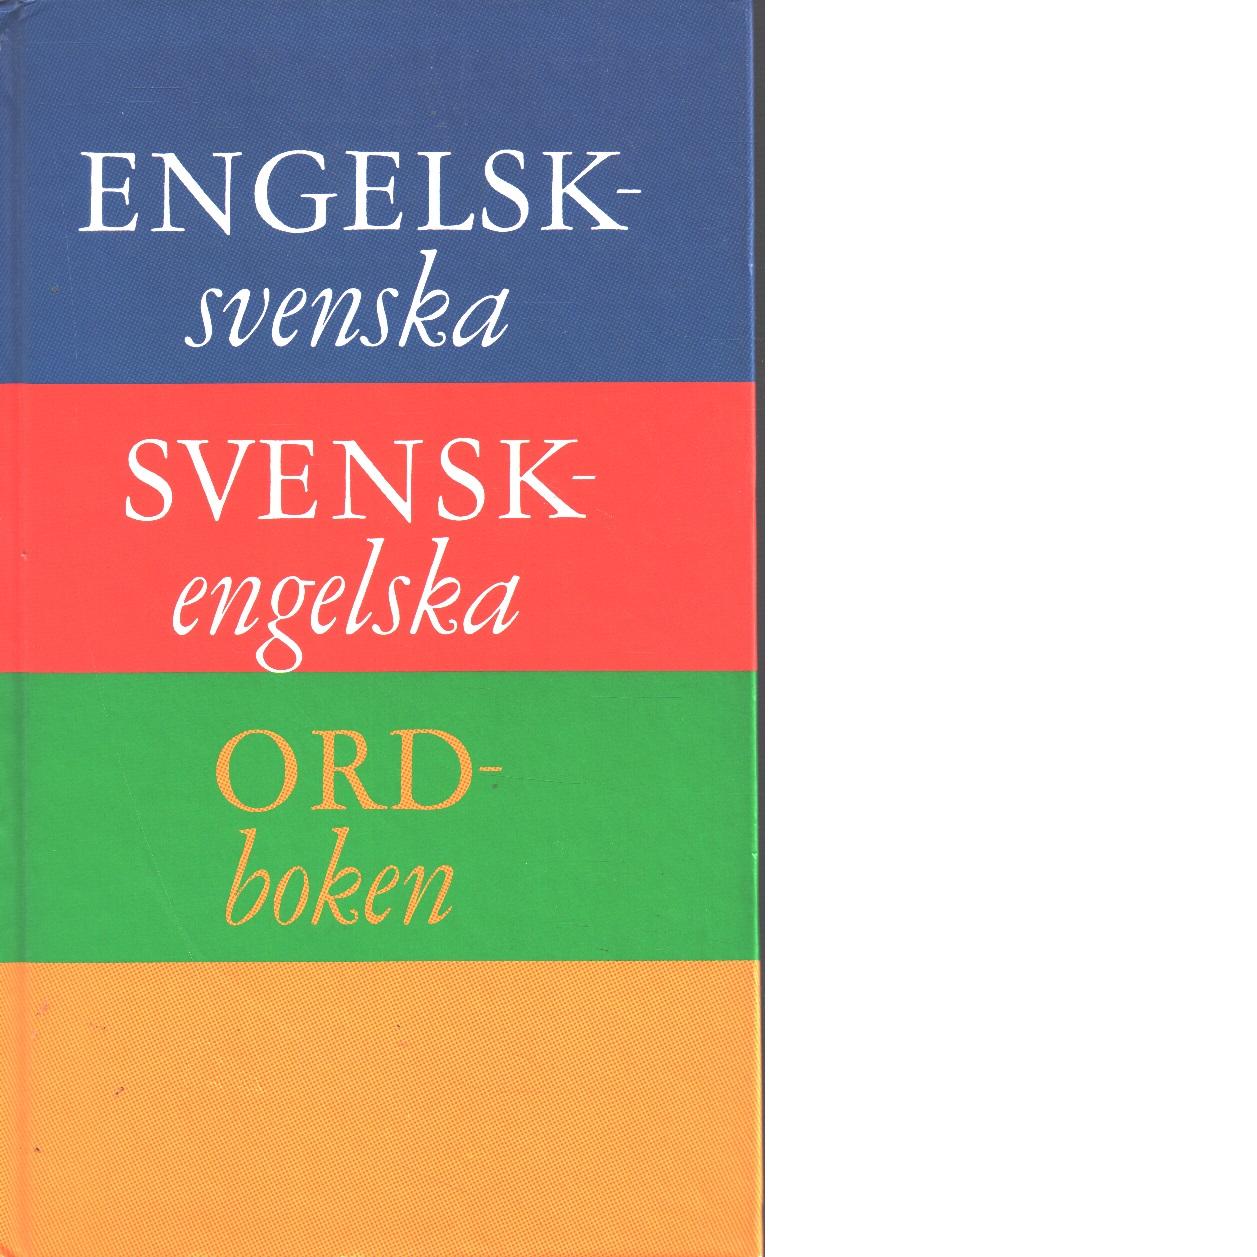 Engelsk-svenska, svensk-engelska ordboken - Red.